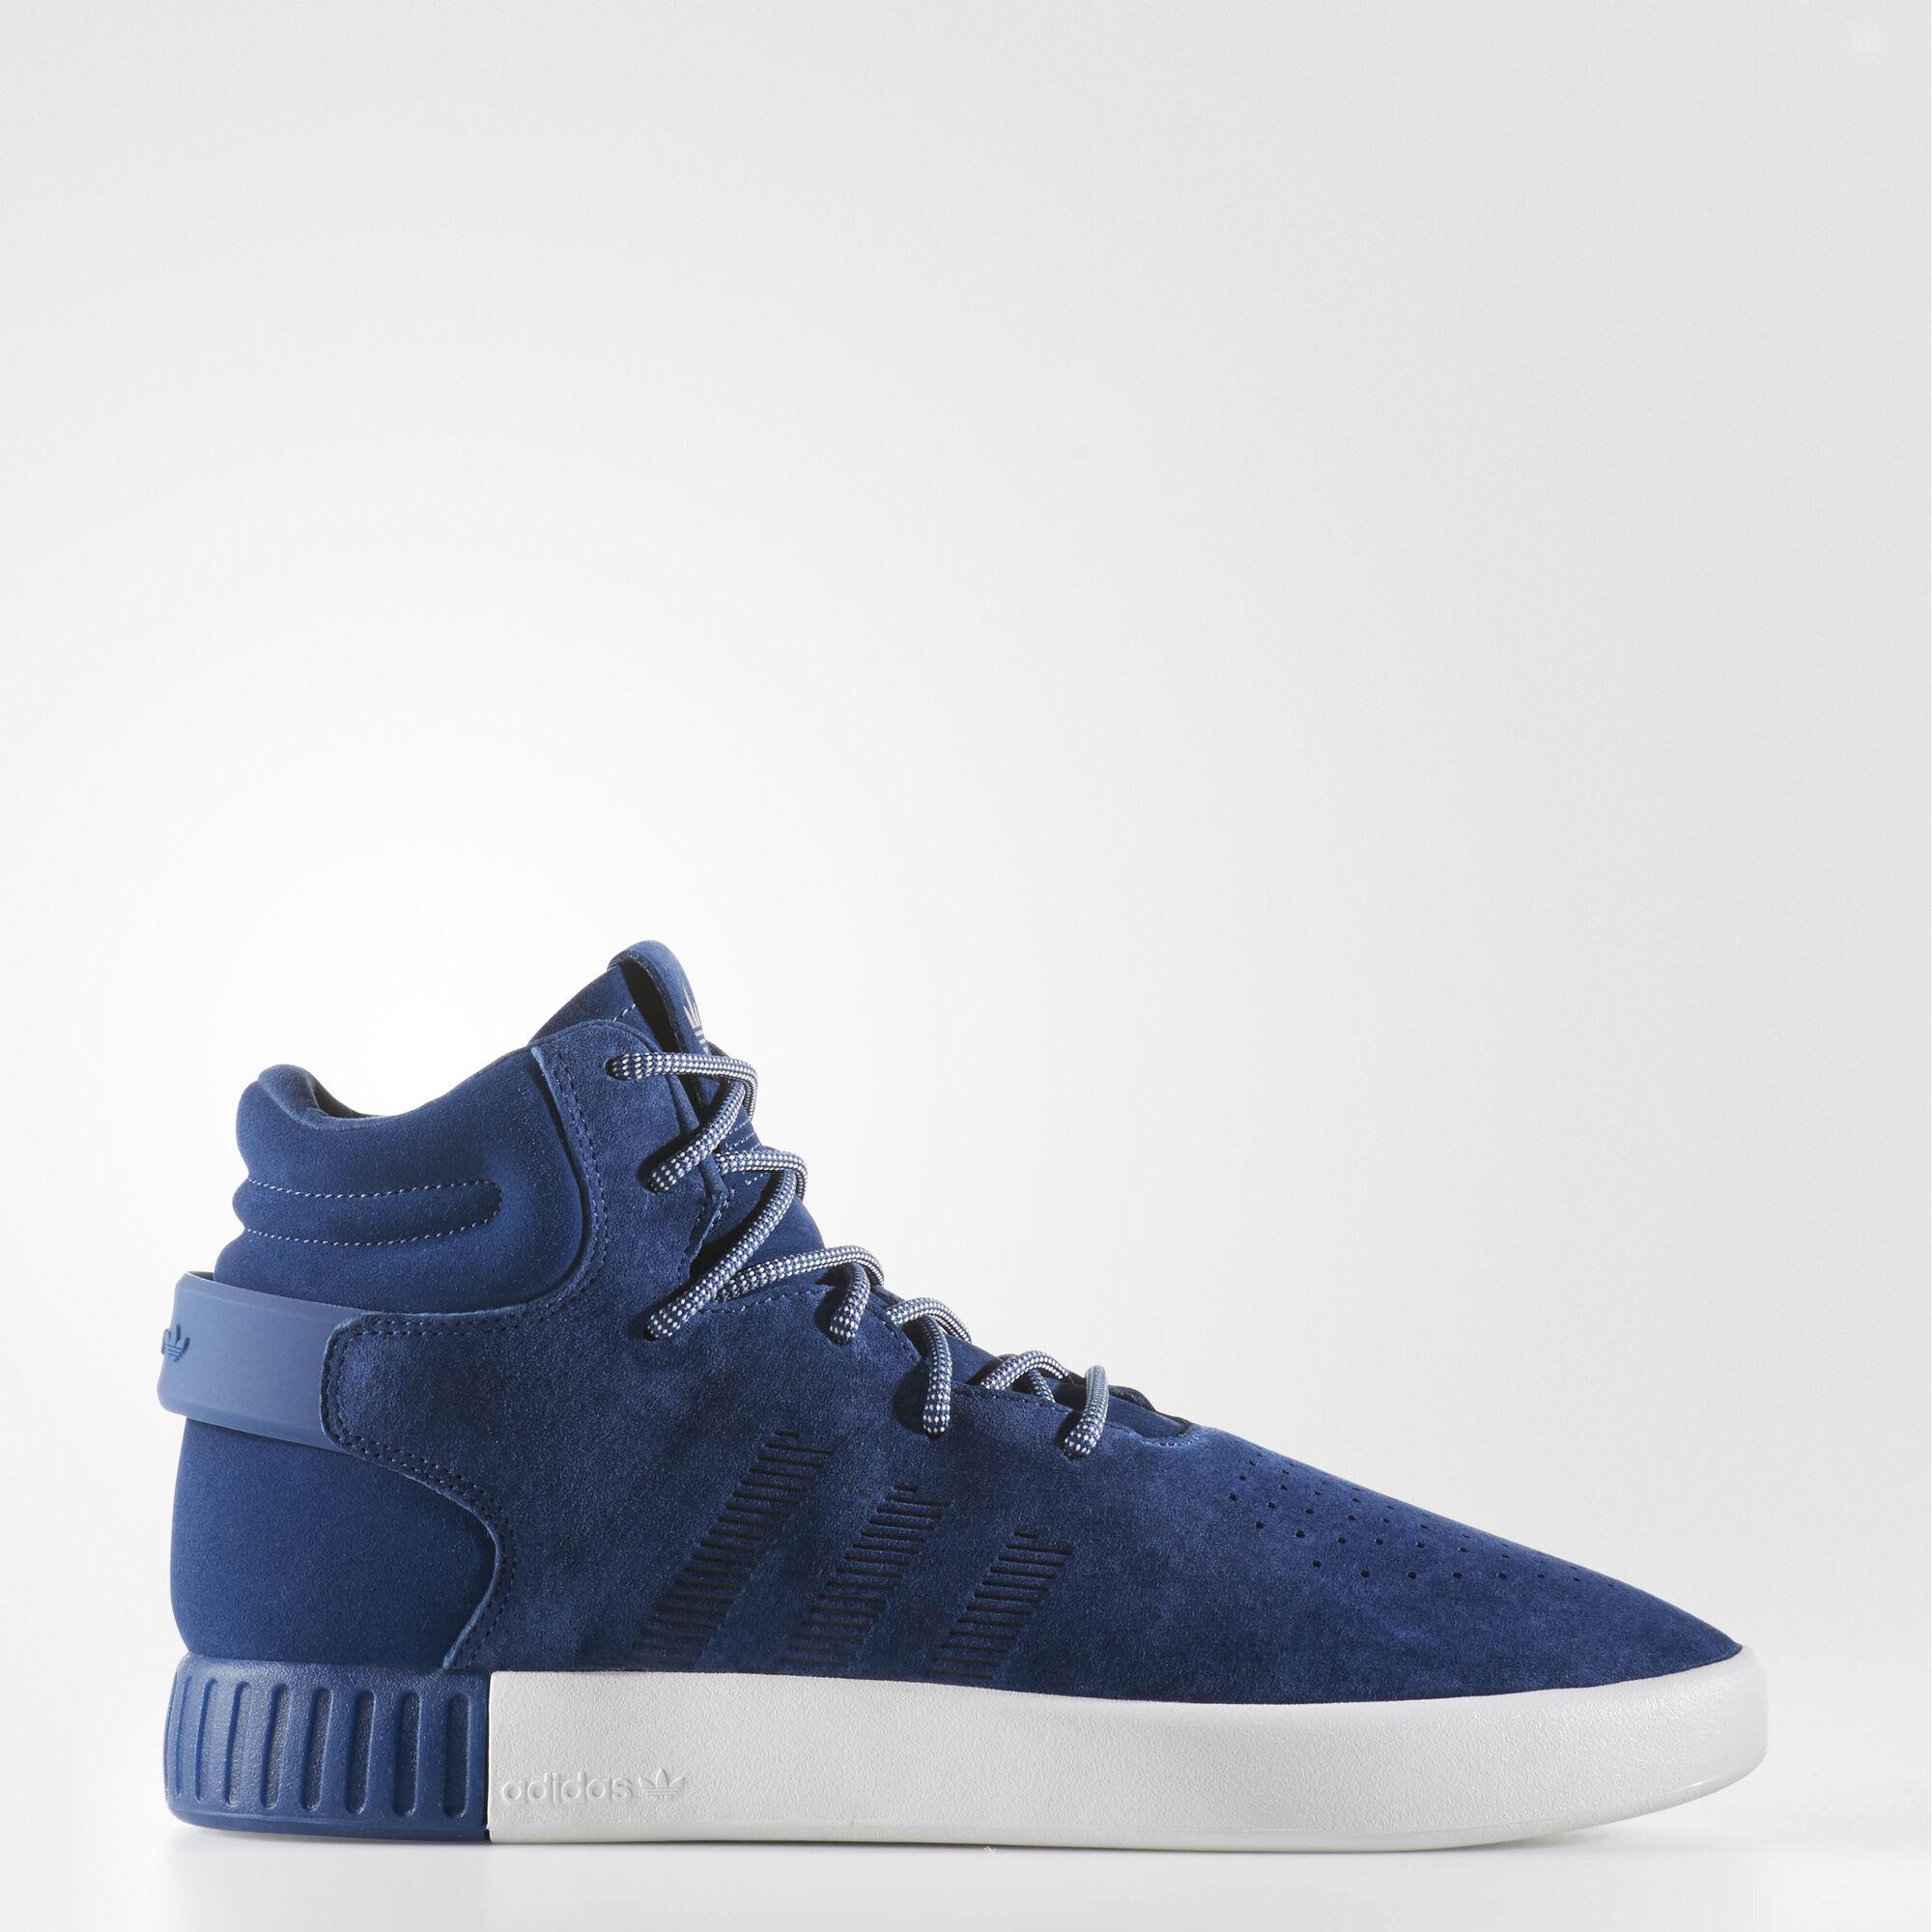 Adidas Tubular Blue White